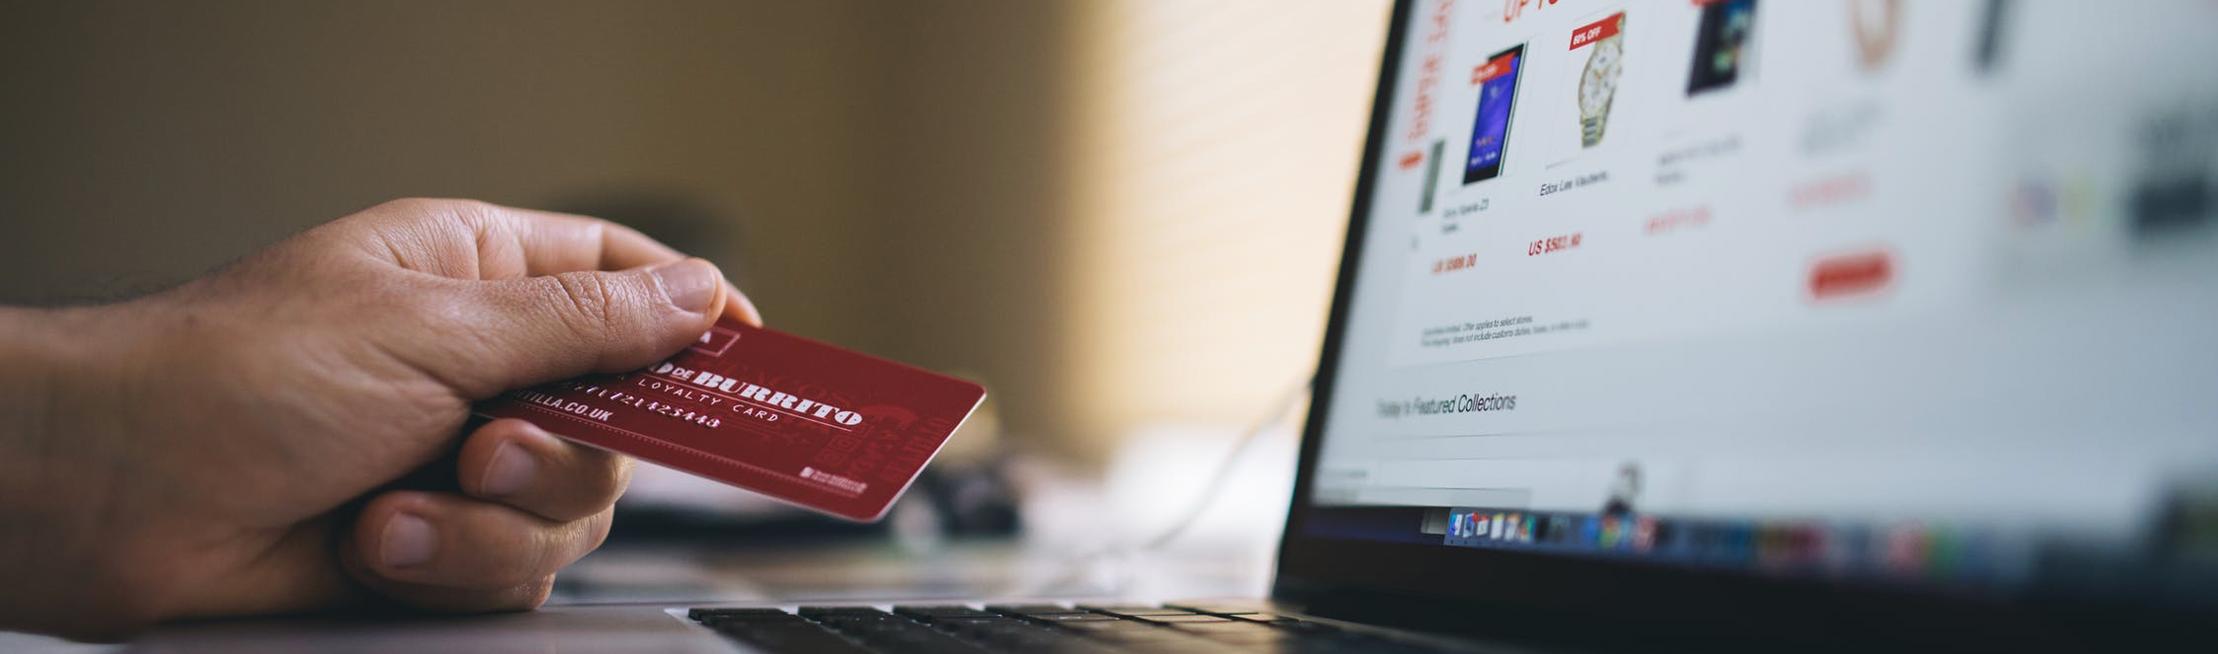 Beste VPN voor online betalen